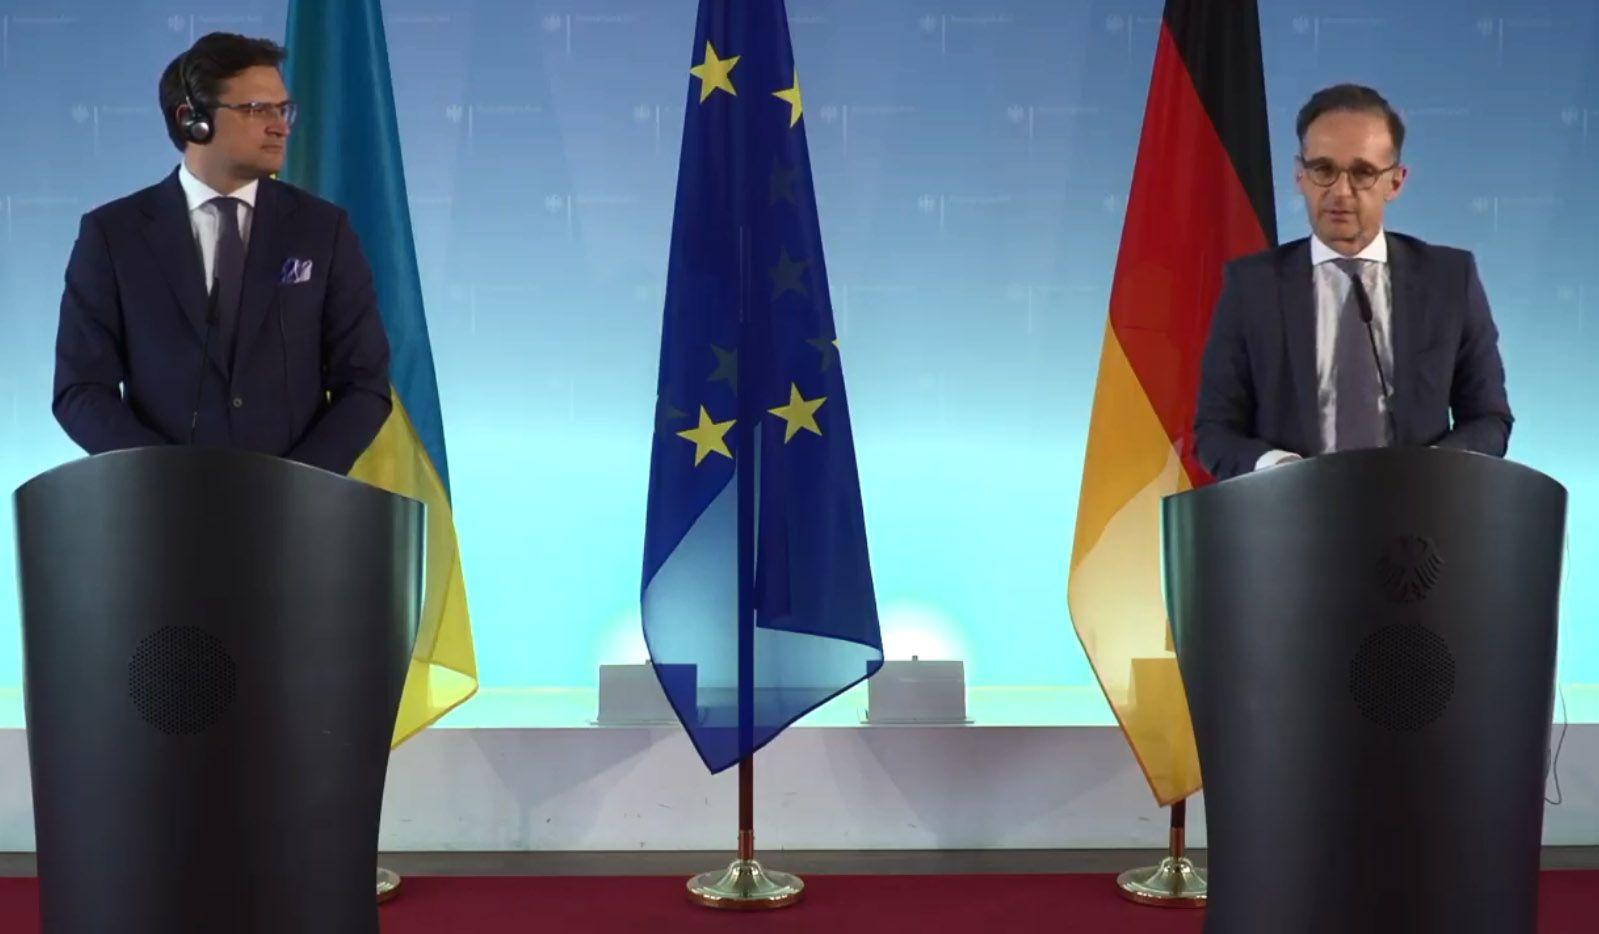 Прямий діалог з «ДНР» та «ЛНР» неприпустимий